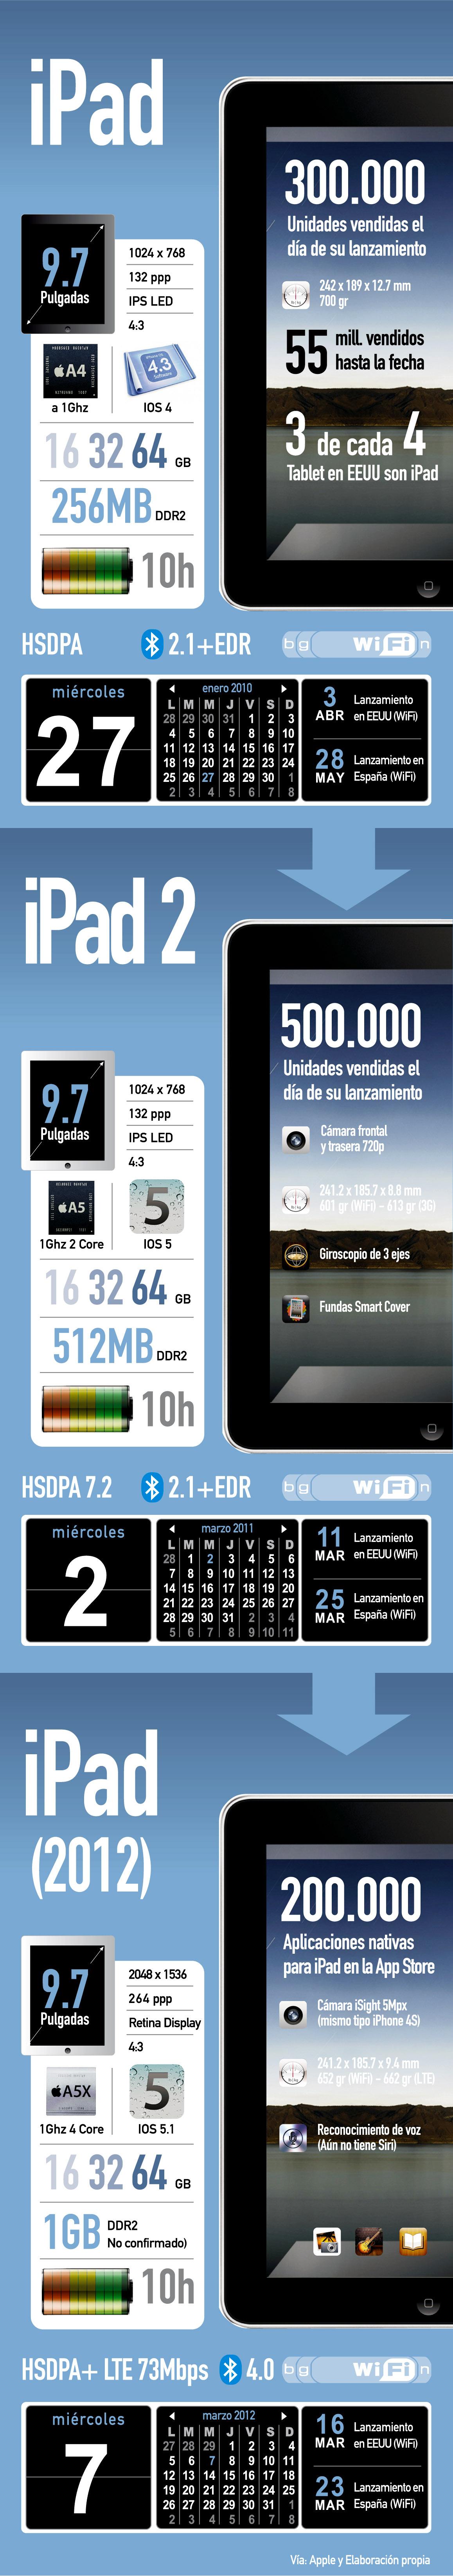 el nuevo ipad 3